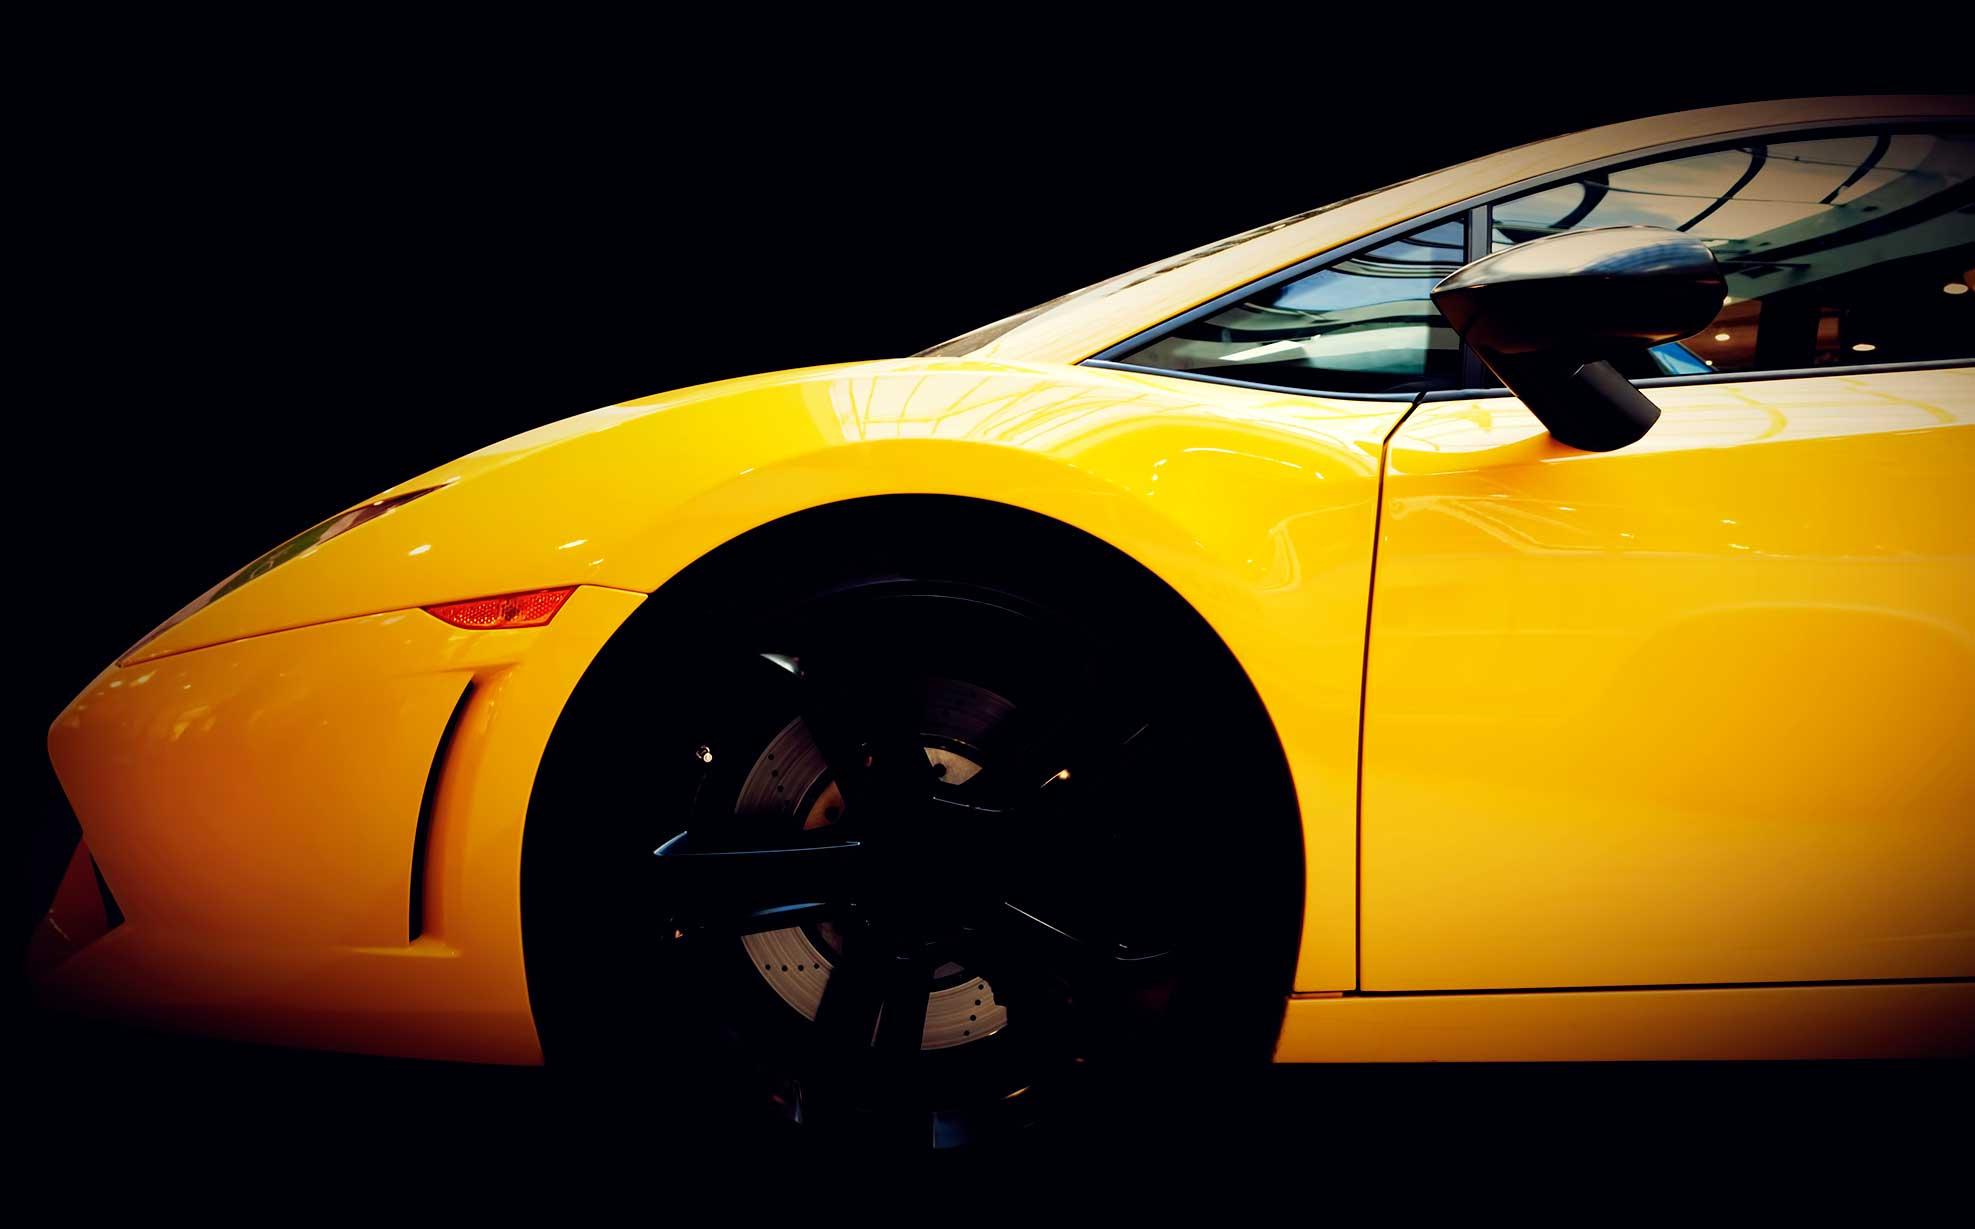 Custom Rims & Wheels